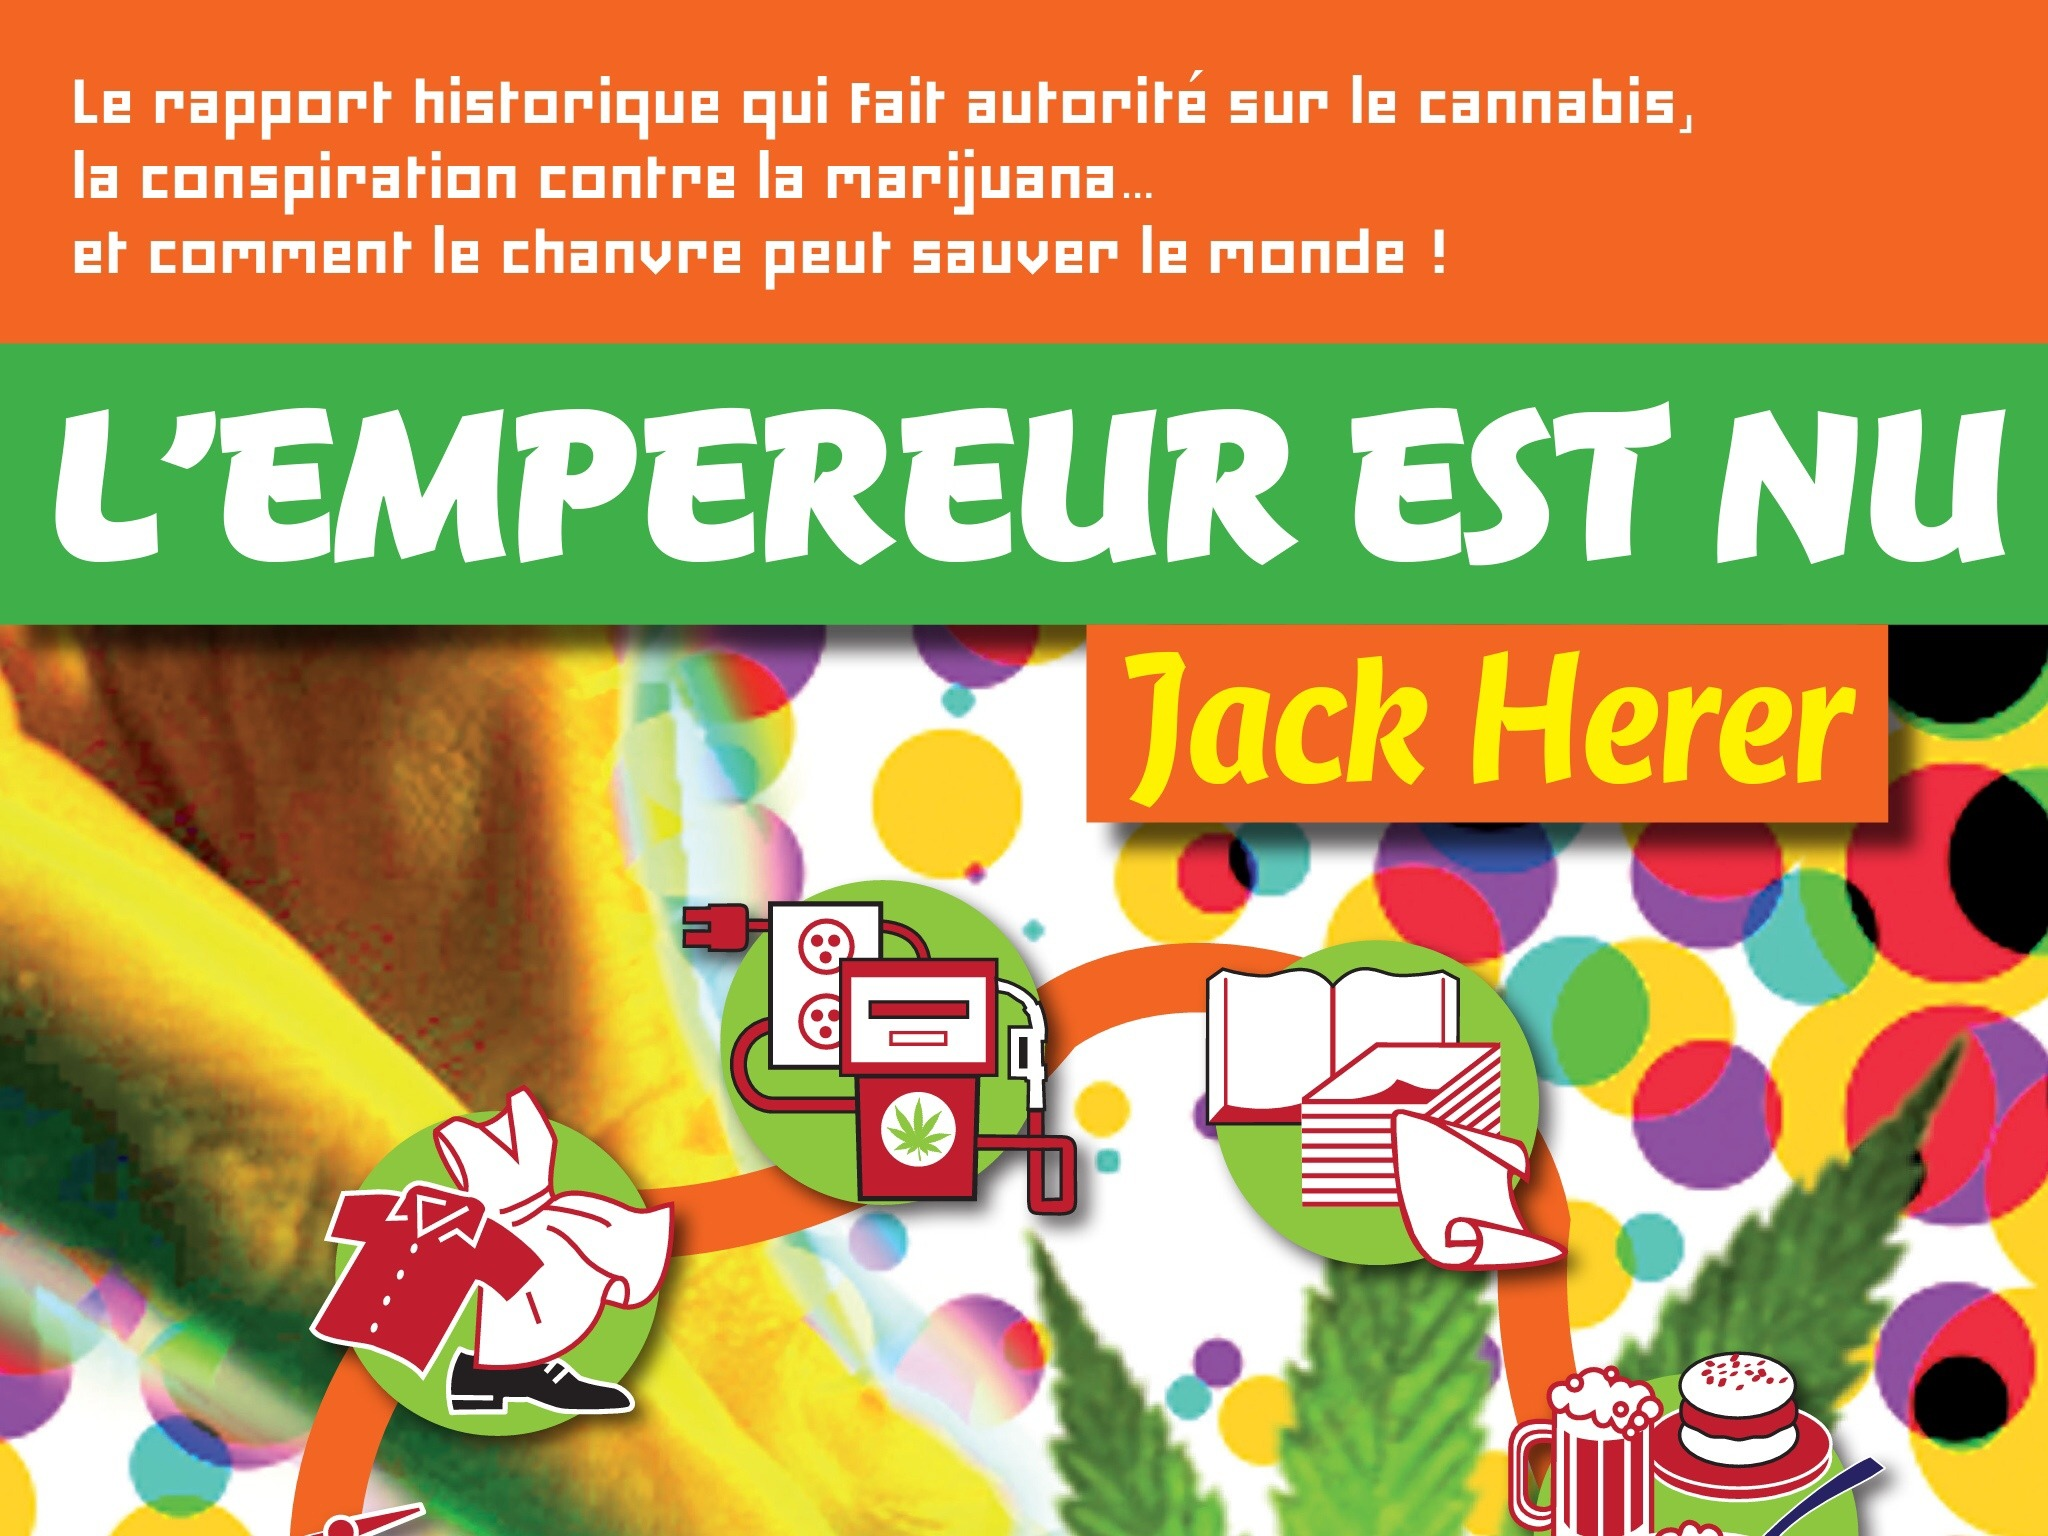 L'Empereur est nu, de Jack Herer, réédité en français.